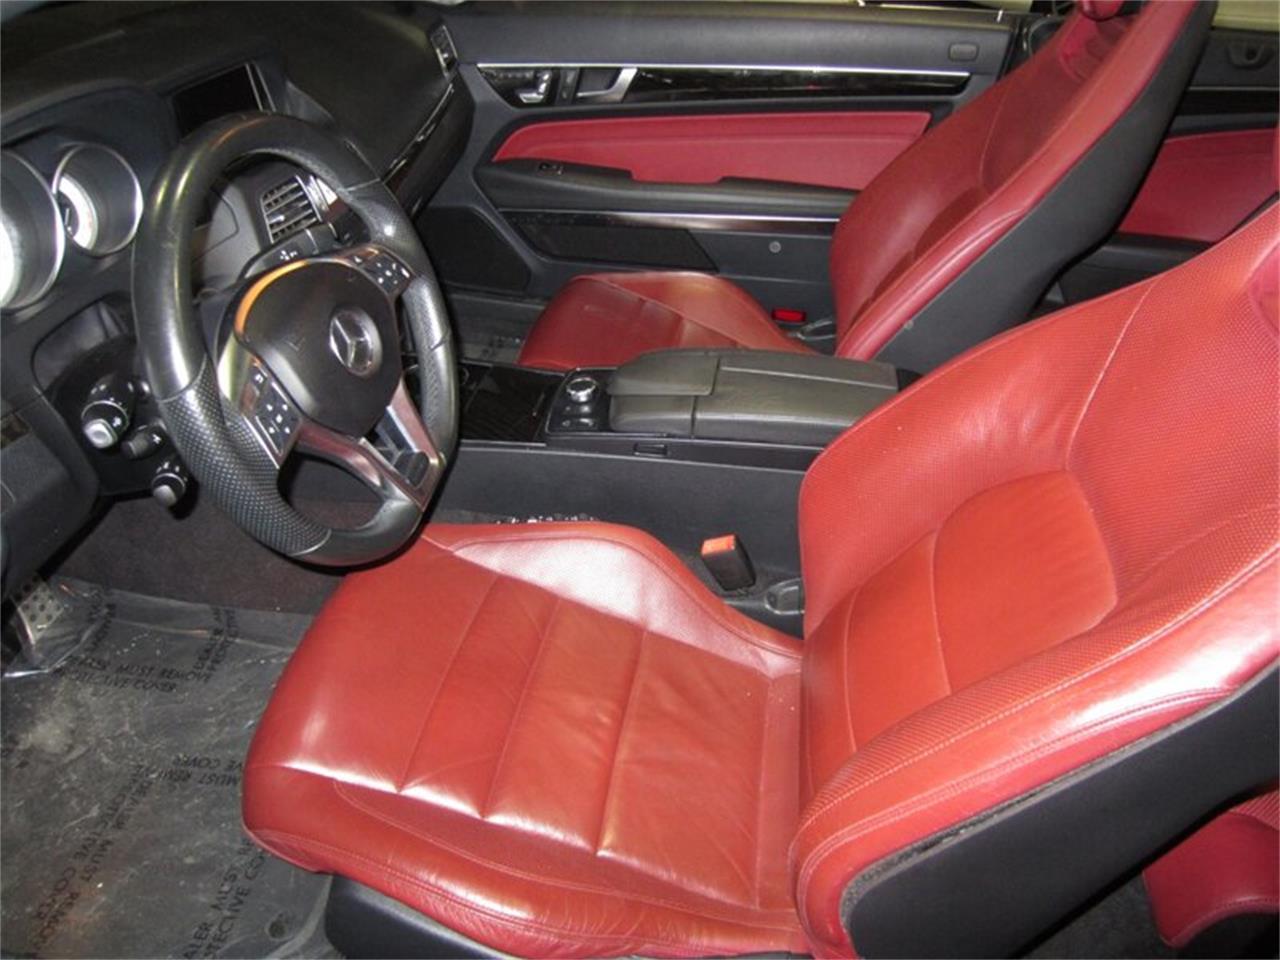 2016 Mercedes-Benz E-Class (CC-1358646) for sale in Delray Beach, Florida